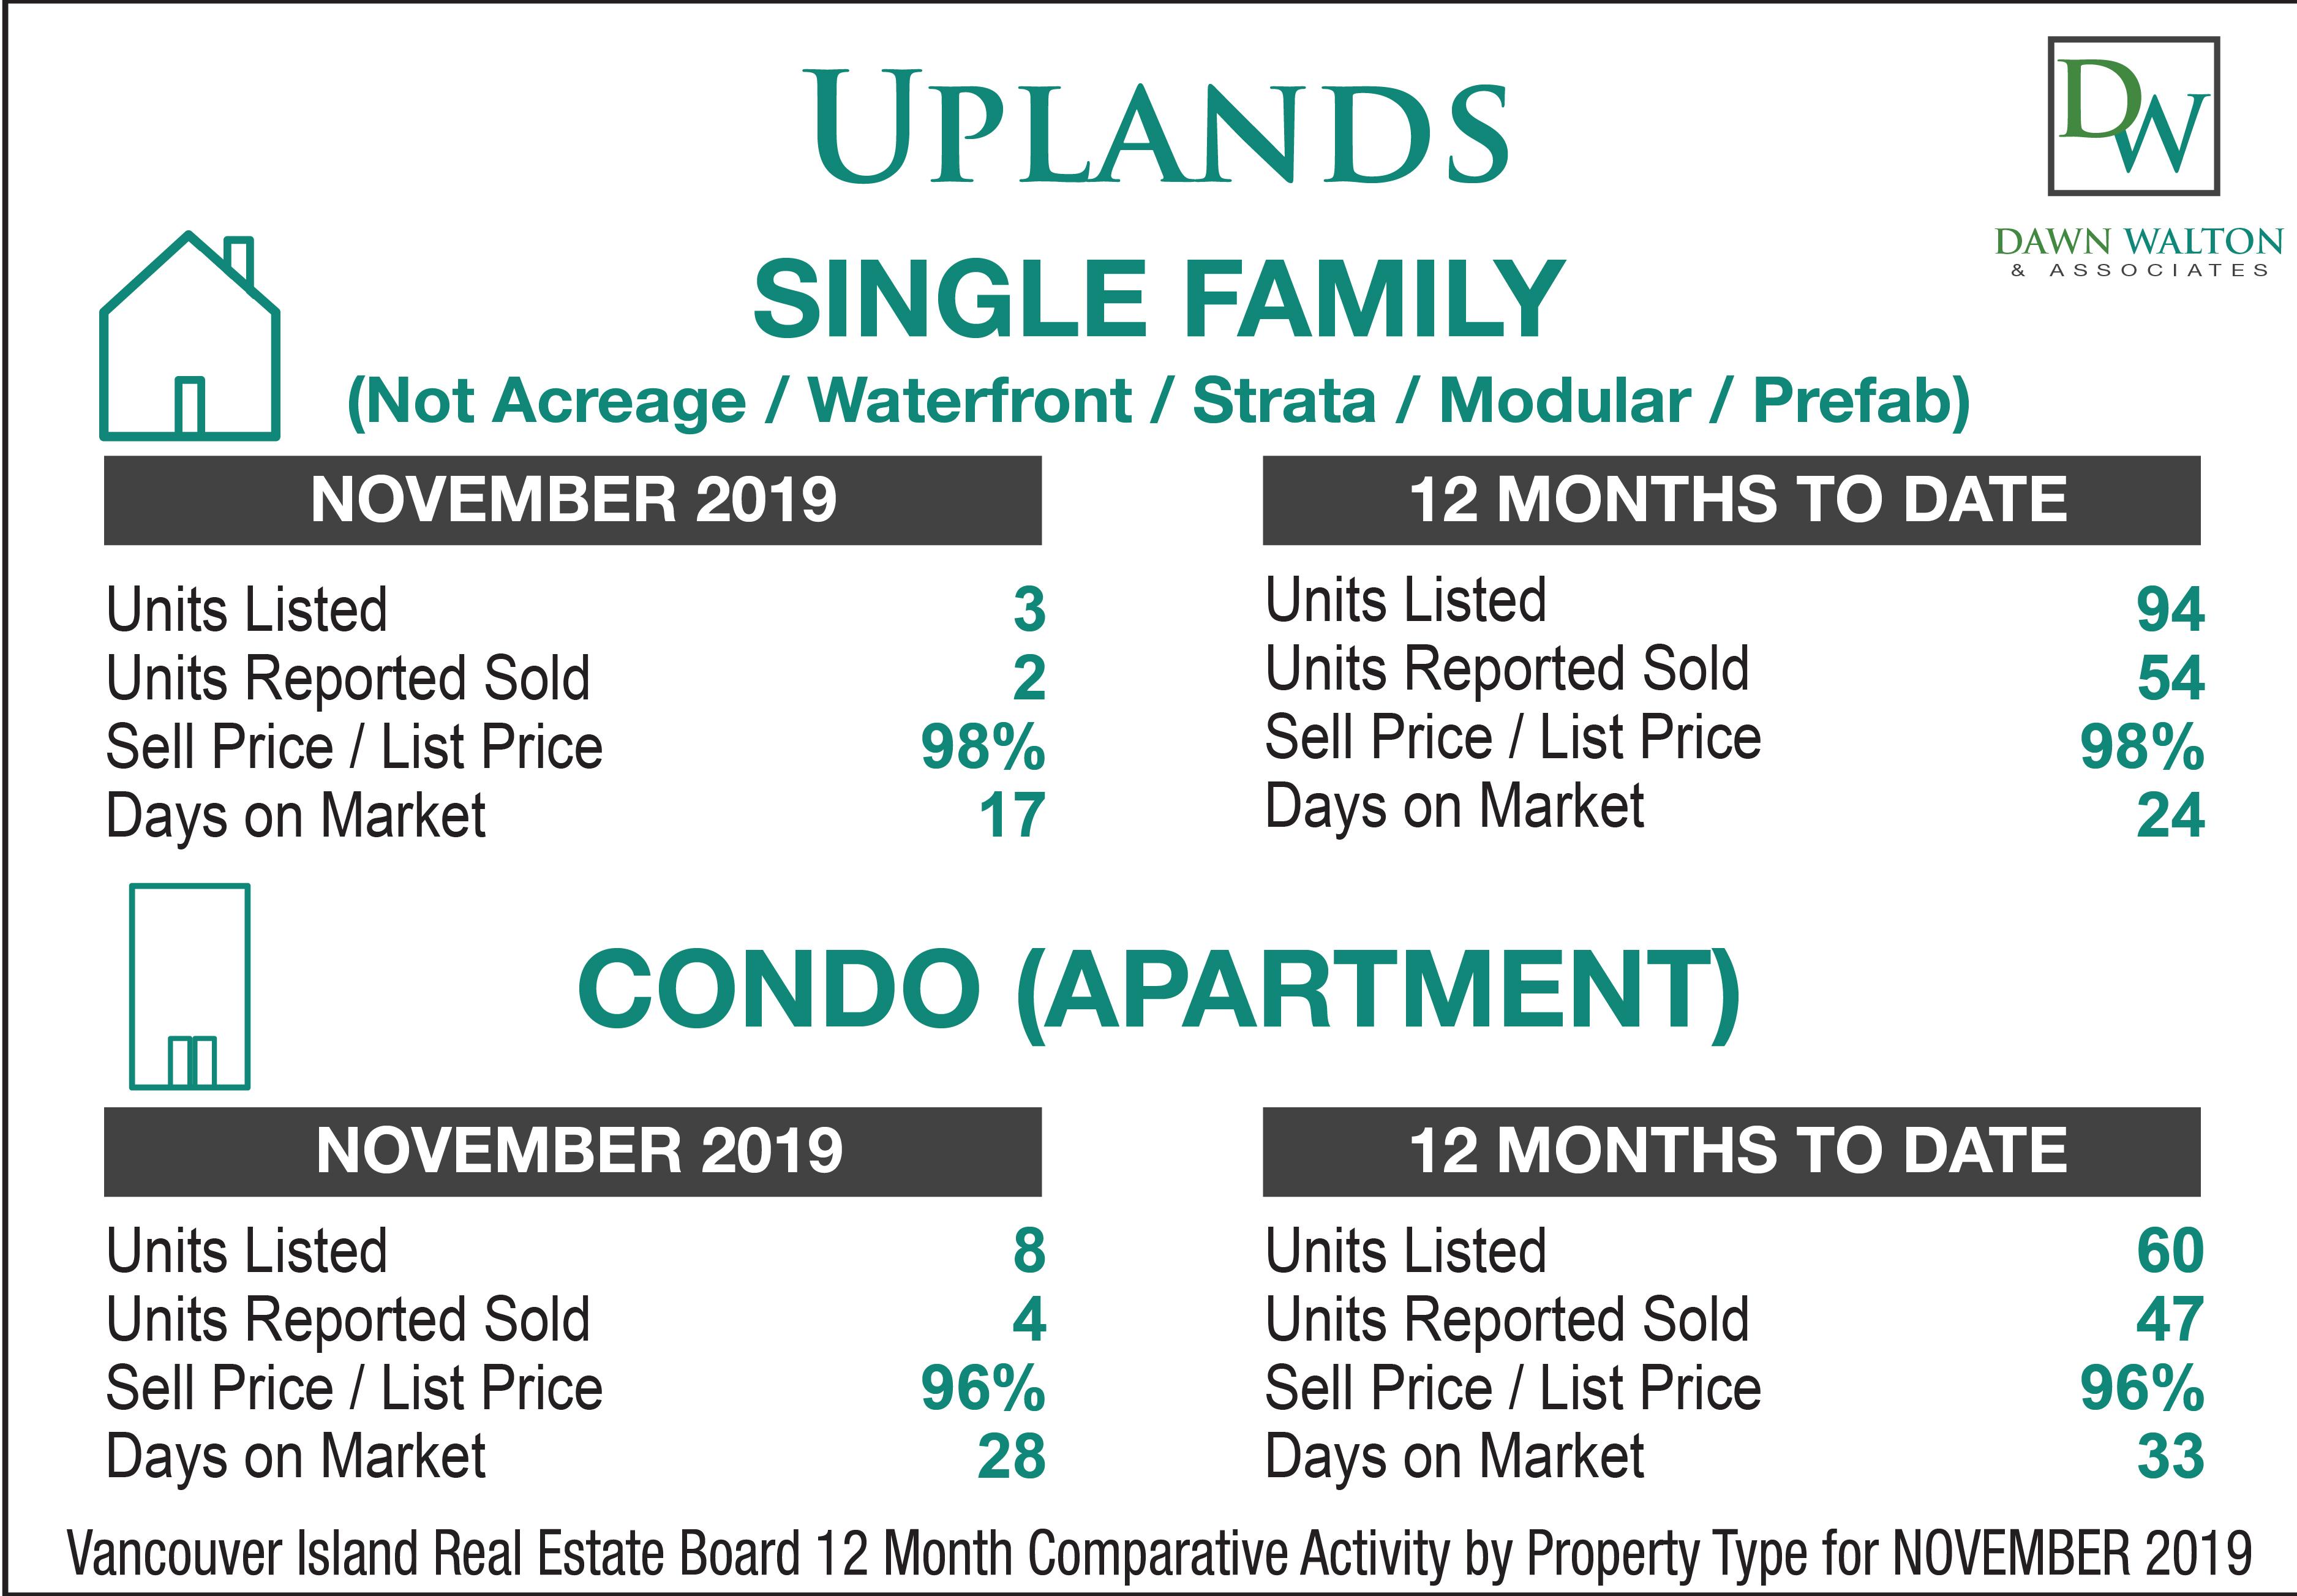 Uplands Real Estate Market Stats November  2019 - Nanaimo Realtor Dawn Walton